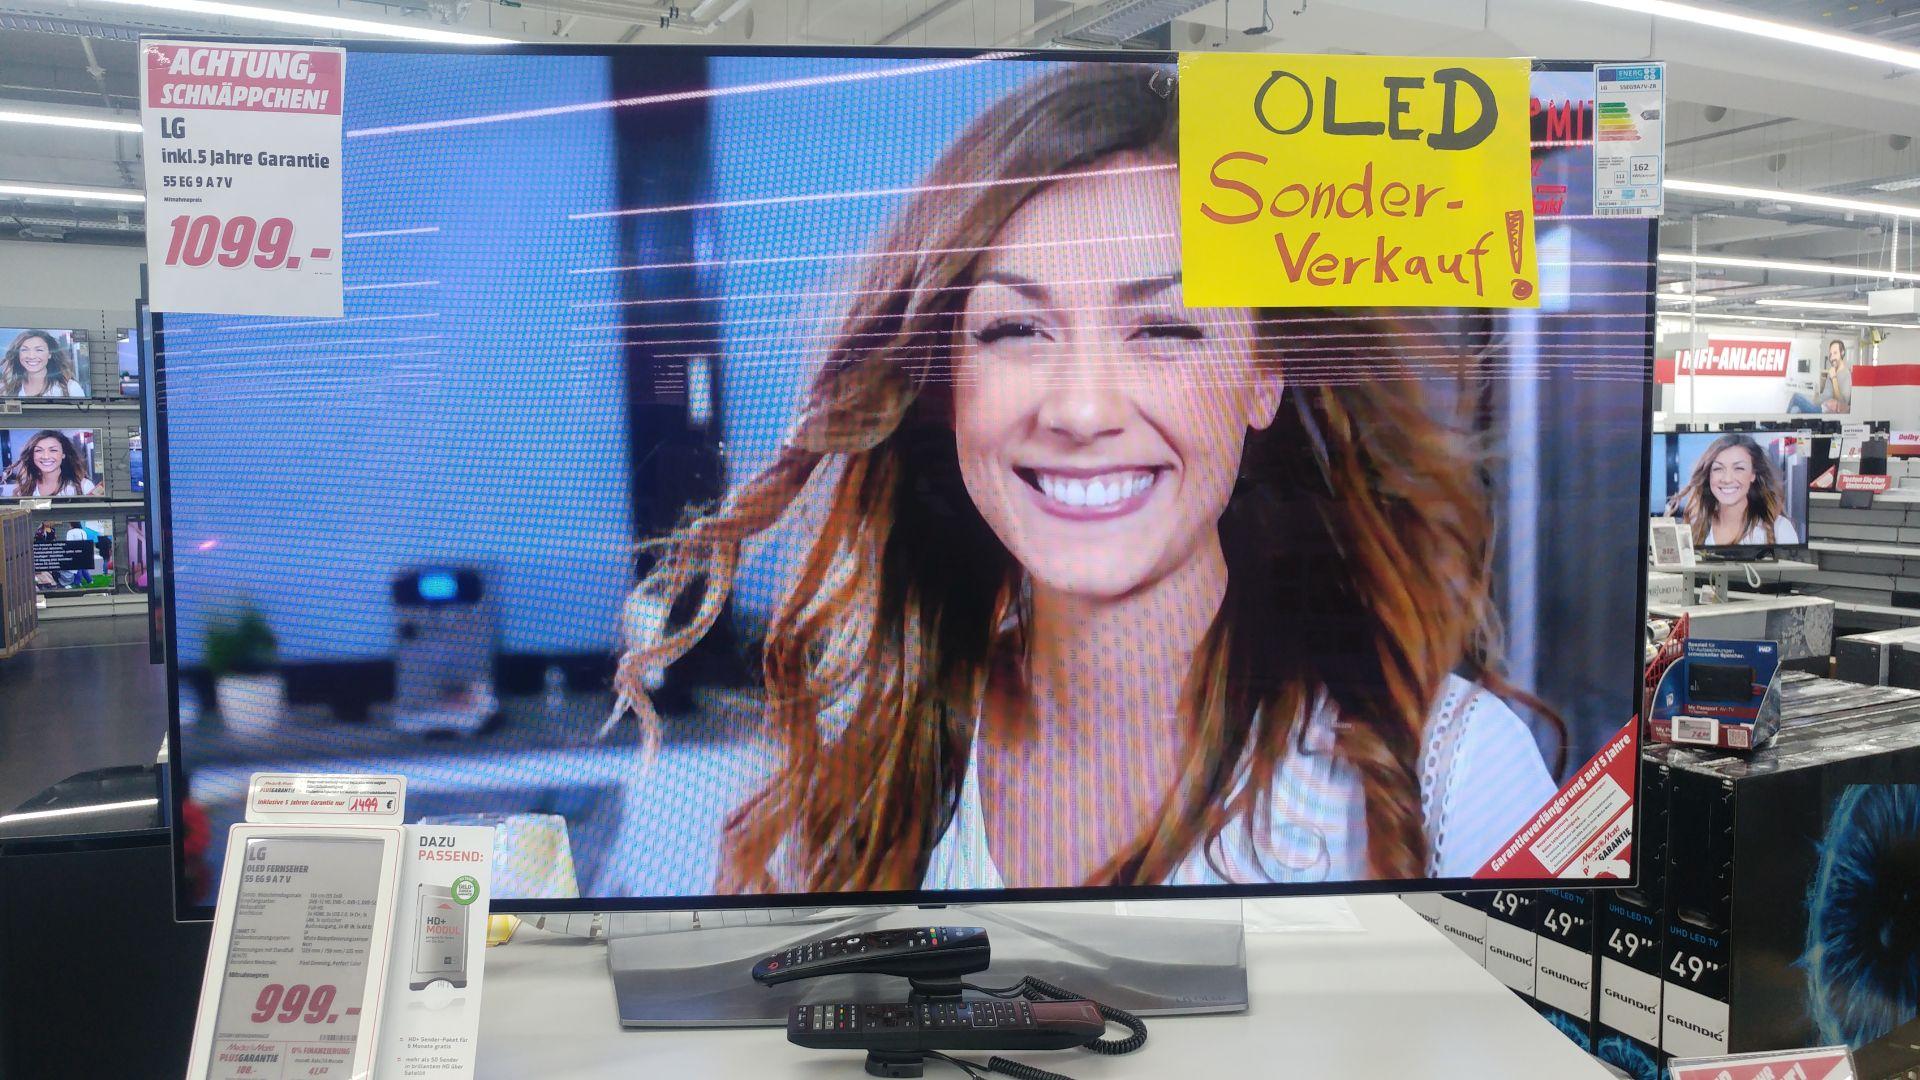 LG OLED 55EG9A7 - 999€ + LG OLED 65W7V für 3999€ - MM Lübeck - Versand deutschlandweit möglich